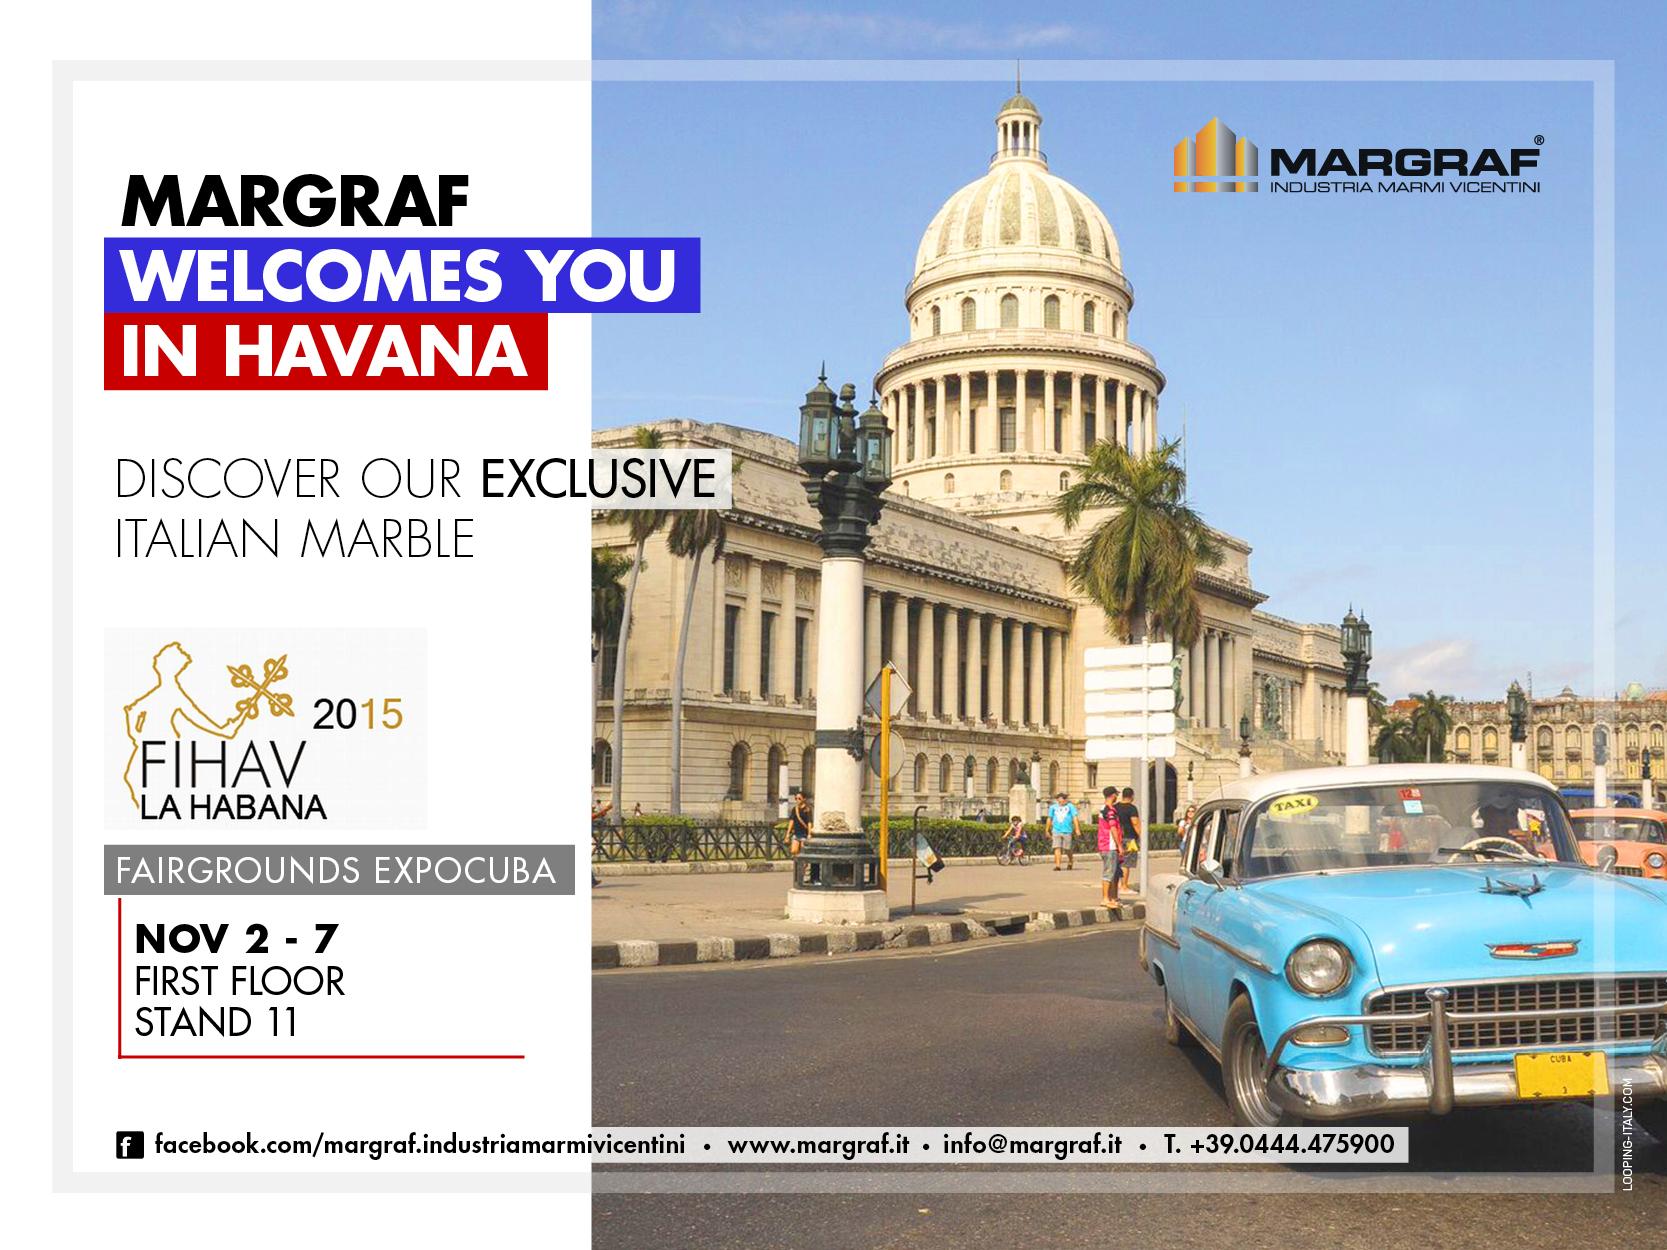 Margraf-Invitation-Fihav-Havana-2015